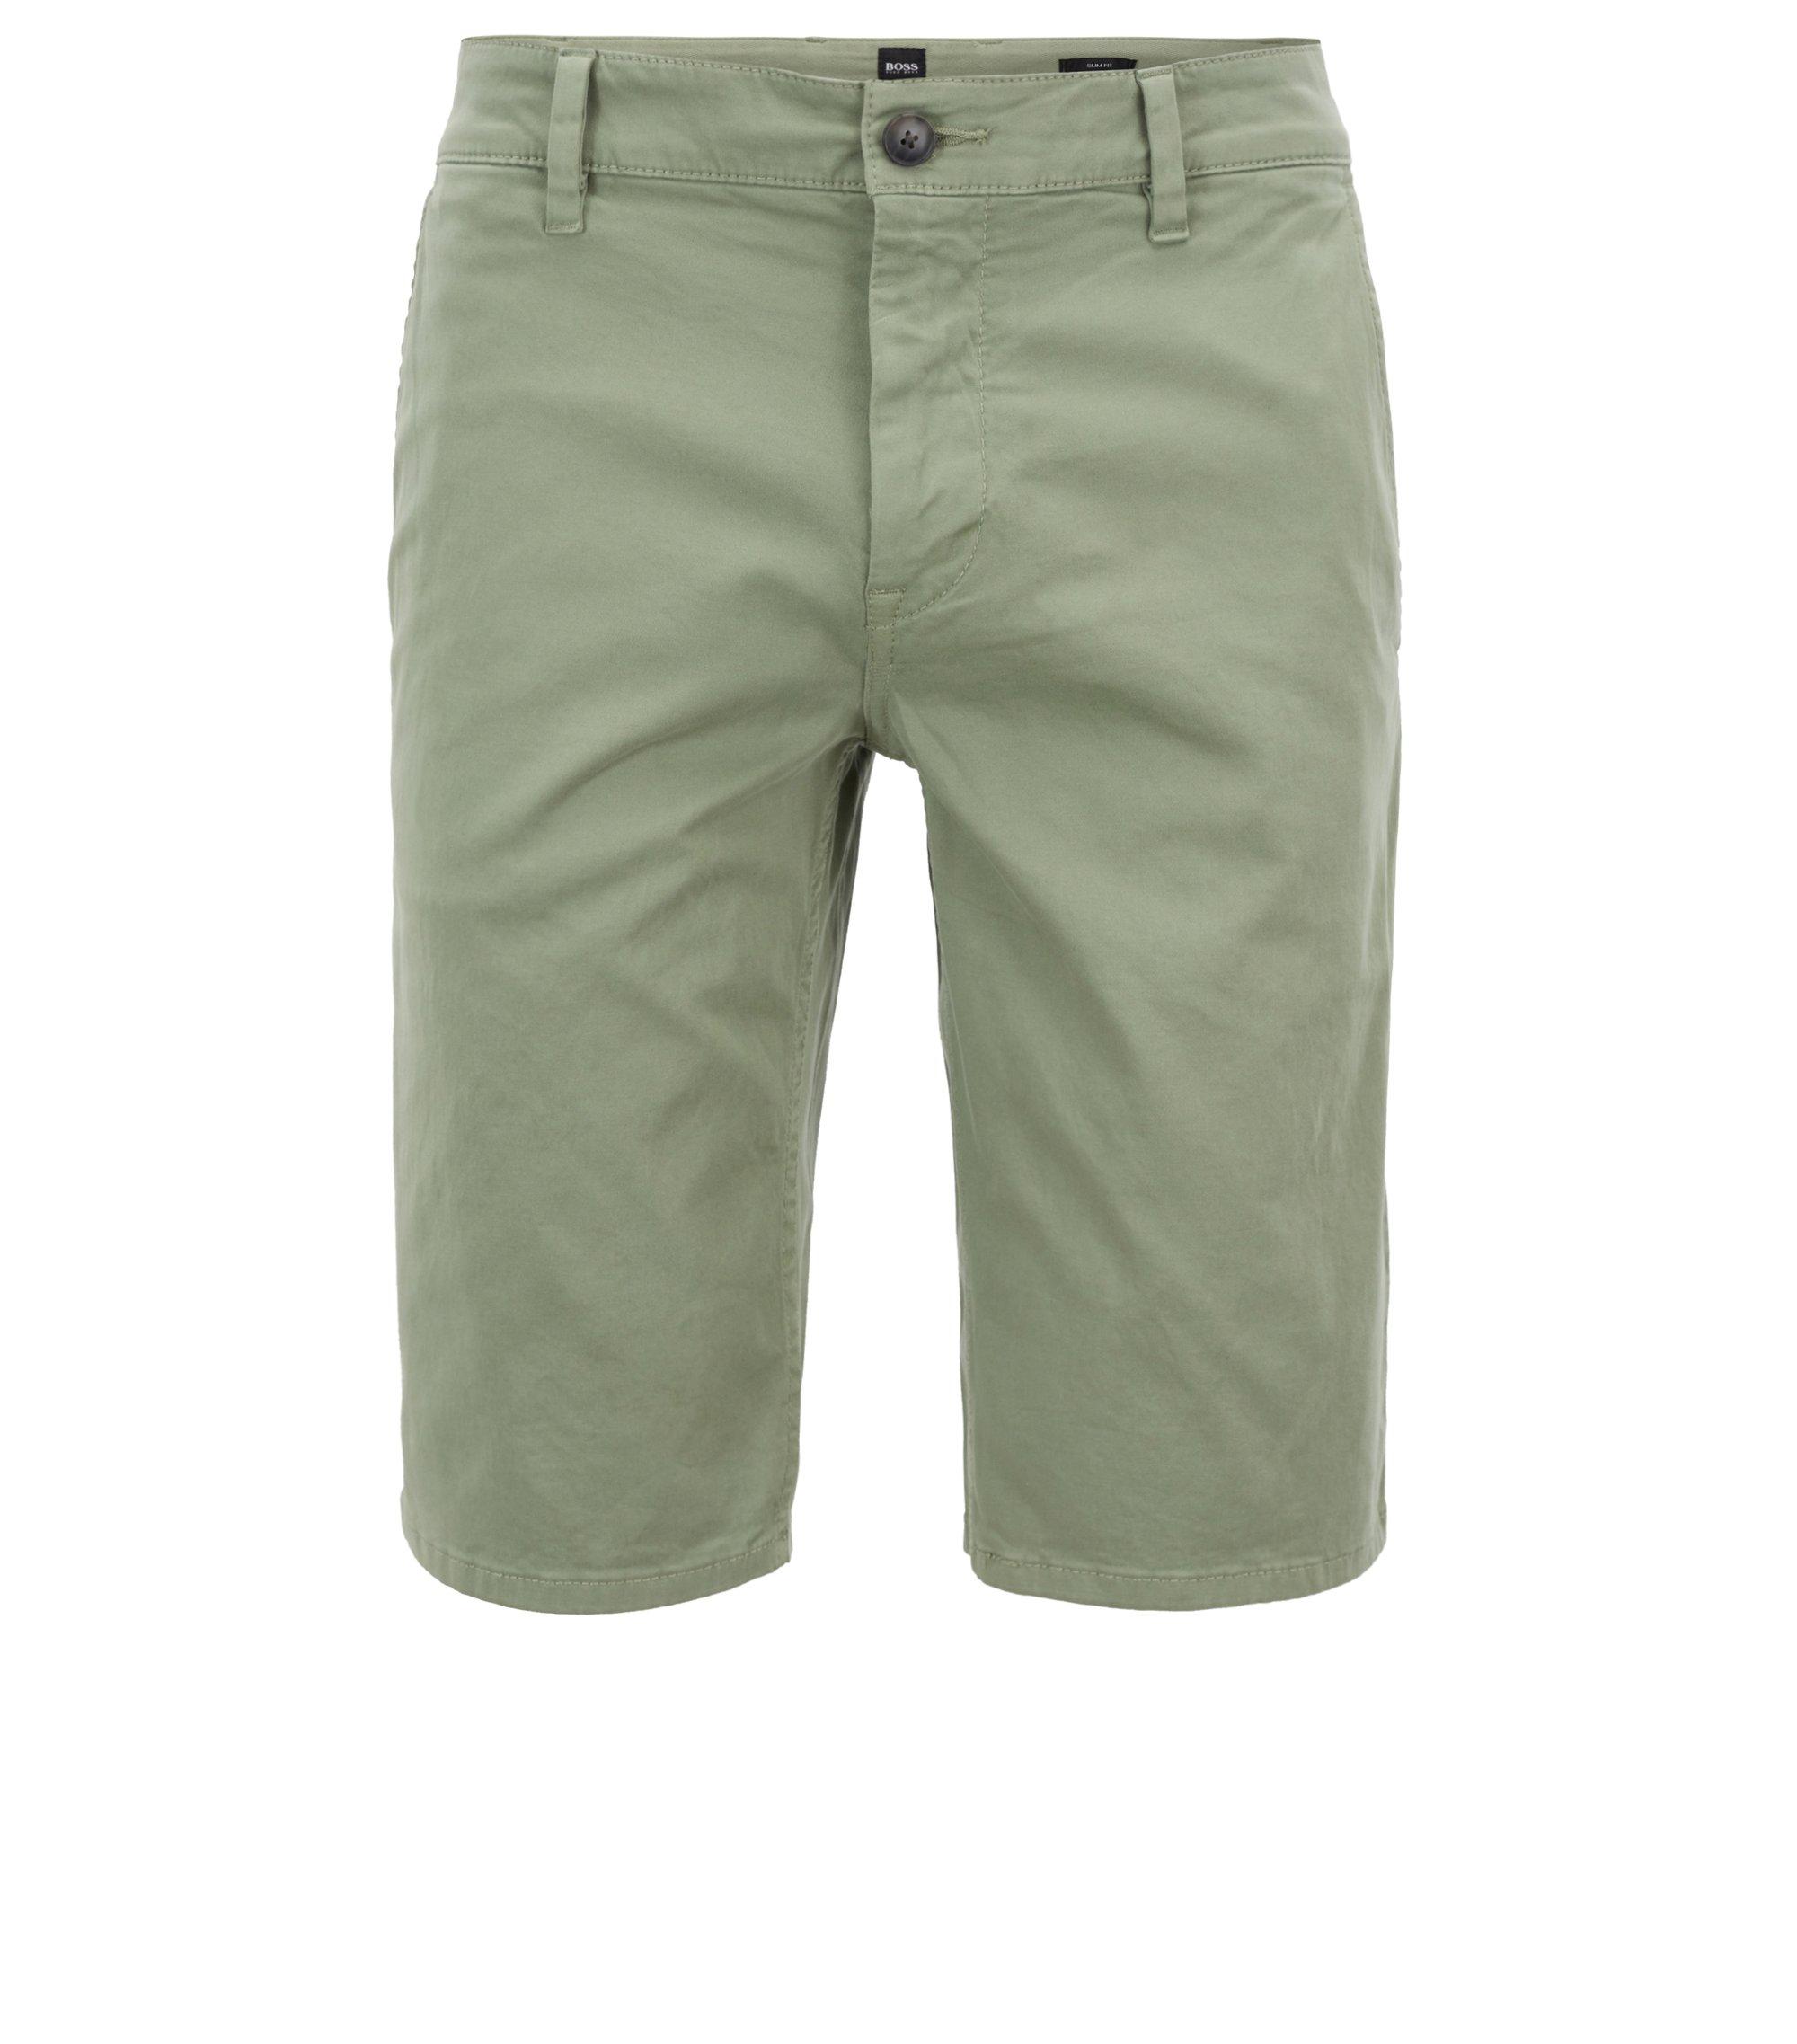 Shorts chinos de algodón elástico con trabillas dobles, Cal